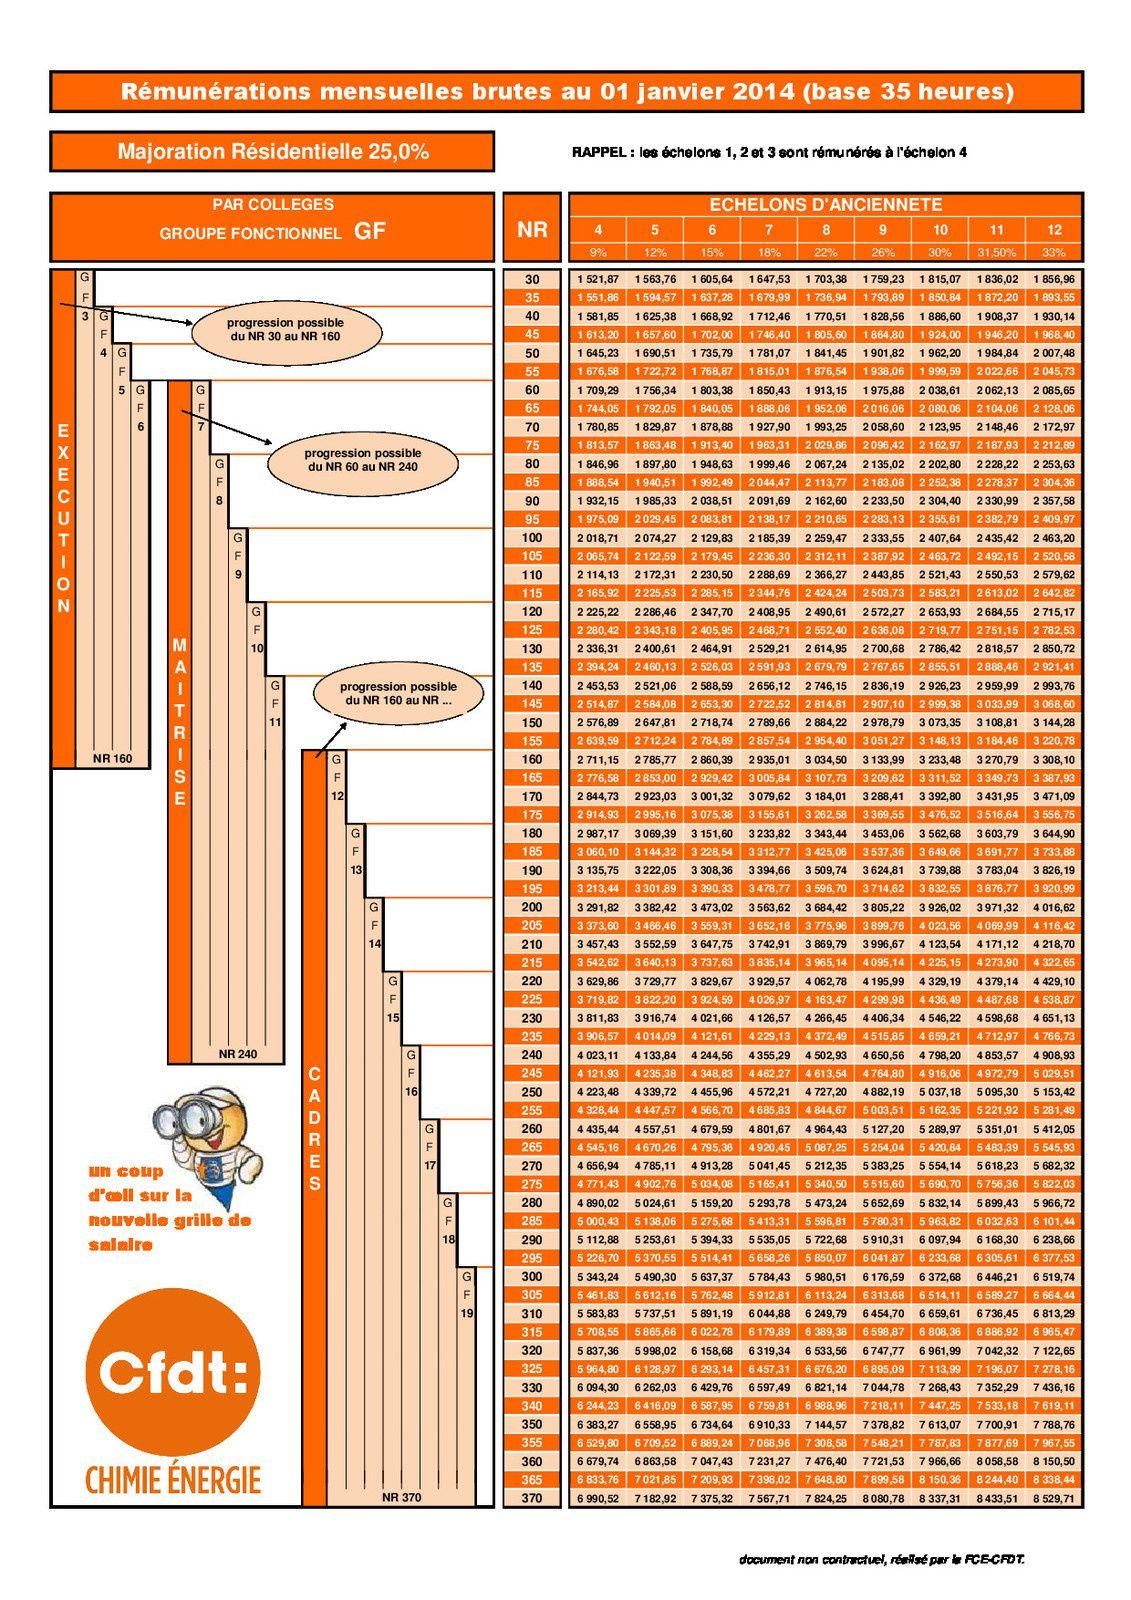 Grille de salaire actualis 2014 cfdt edf recherche - Grille salaire attache d administration ...